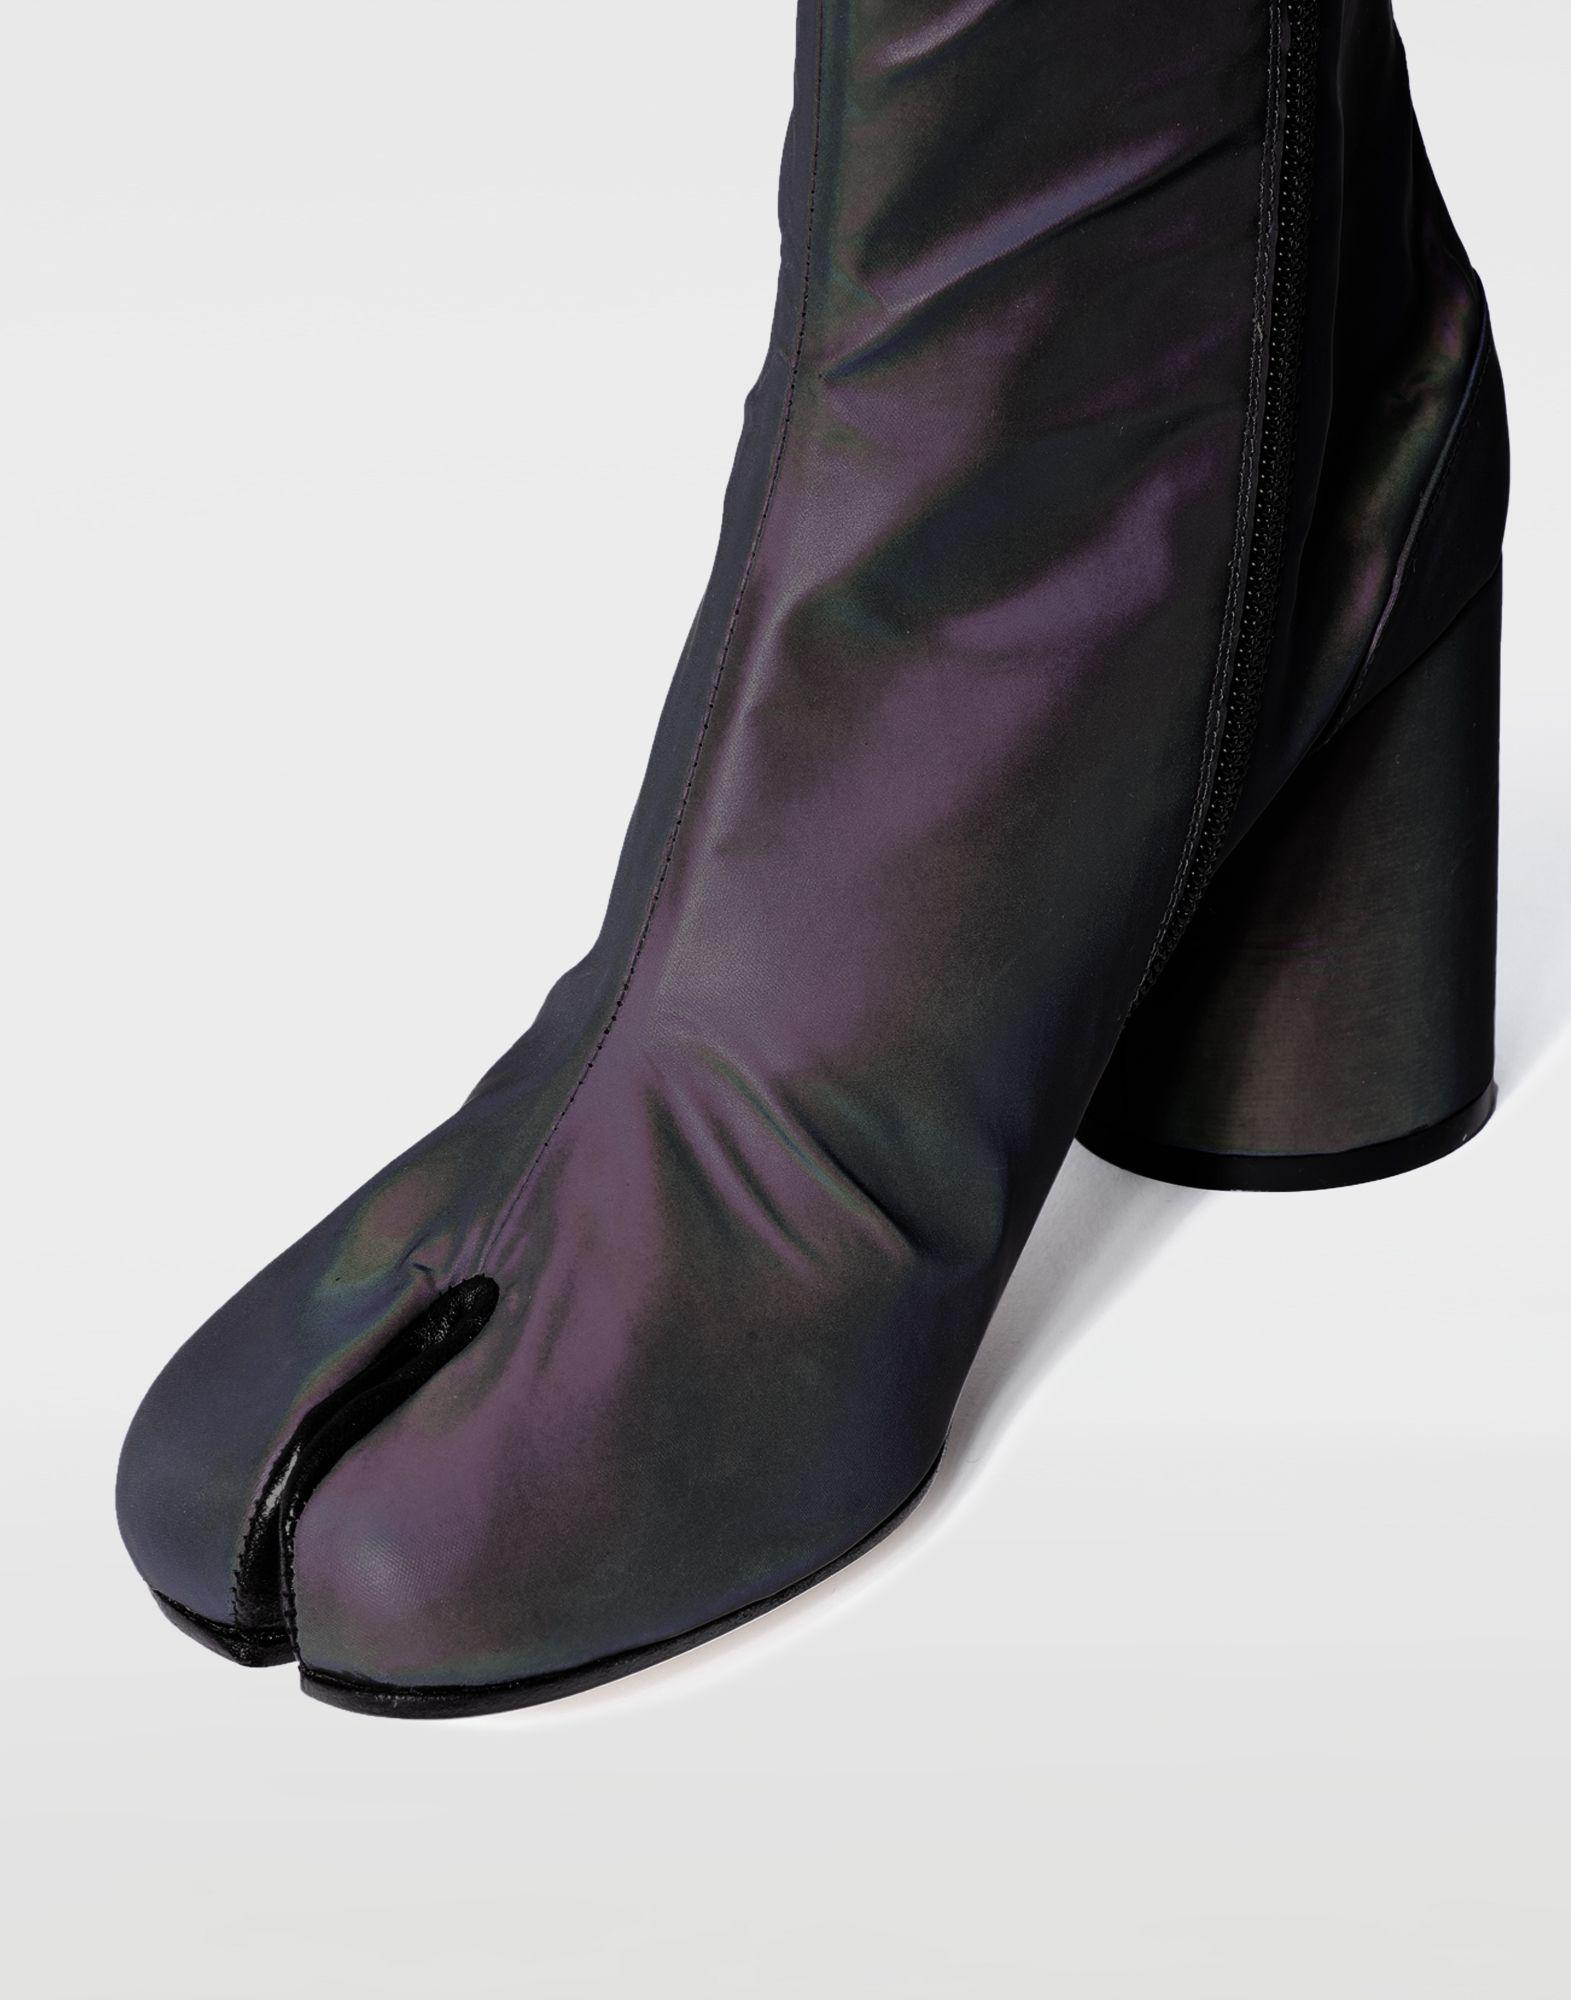 81ba8df52dd Maison Margiela Gray Reflective Tabi Boots